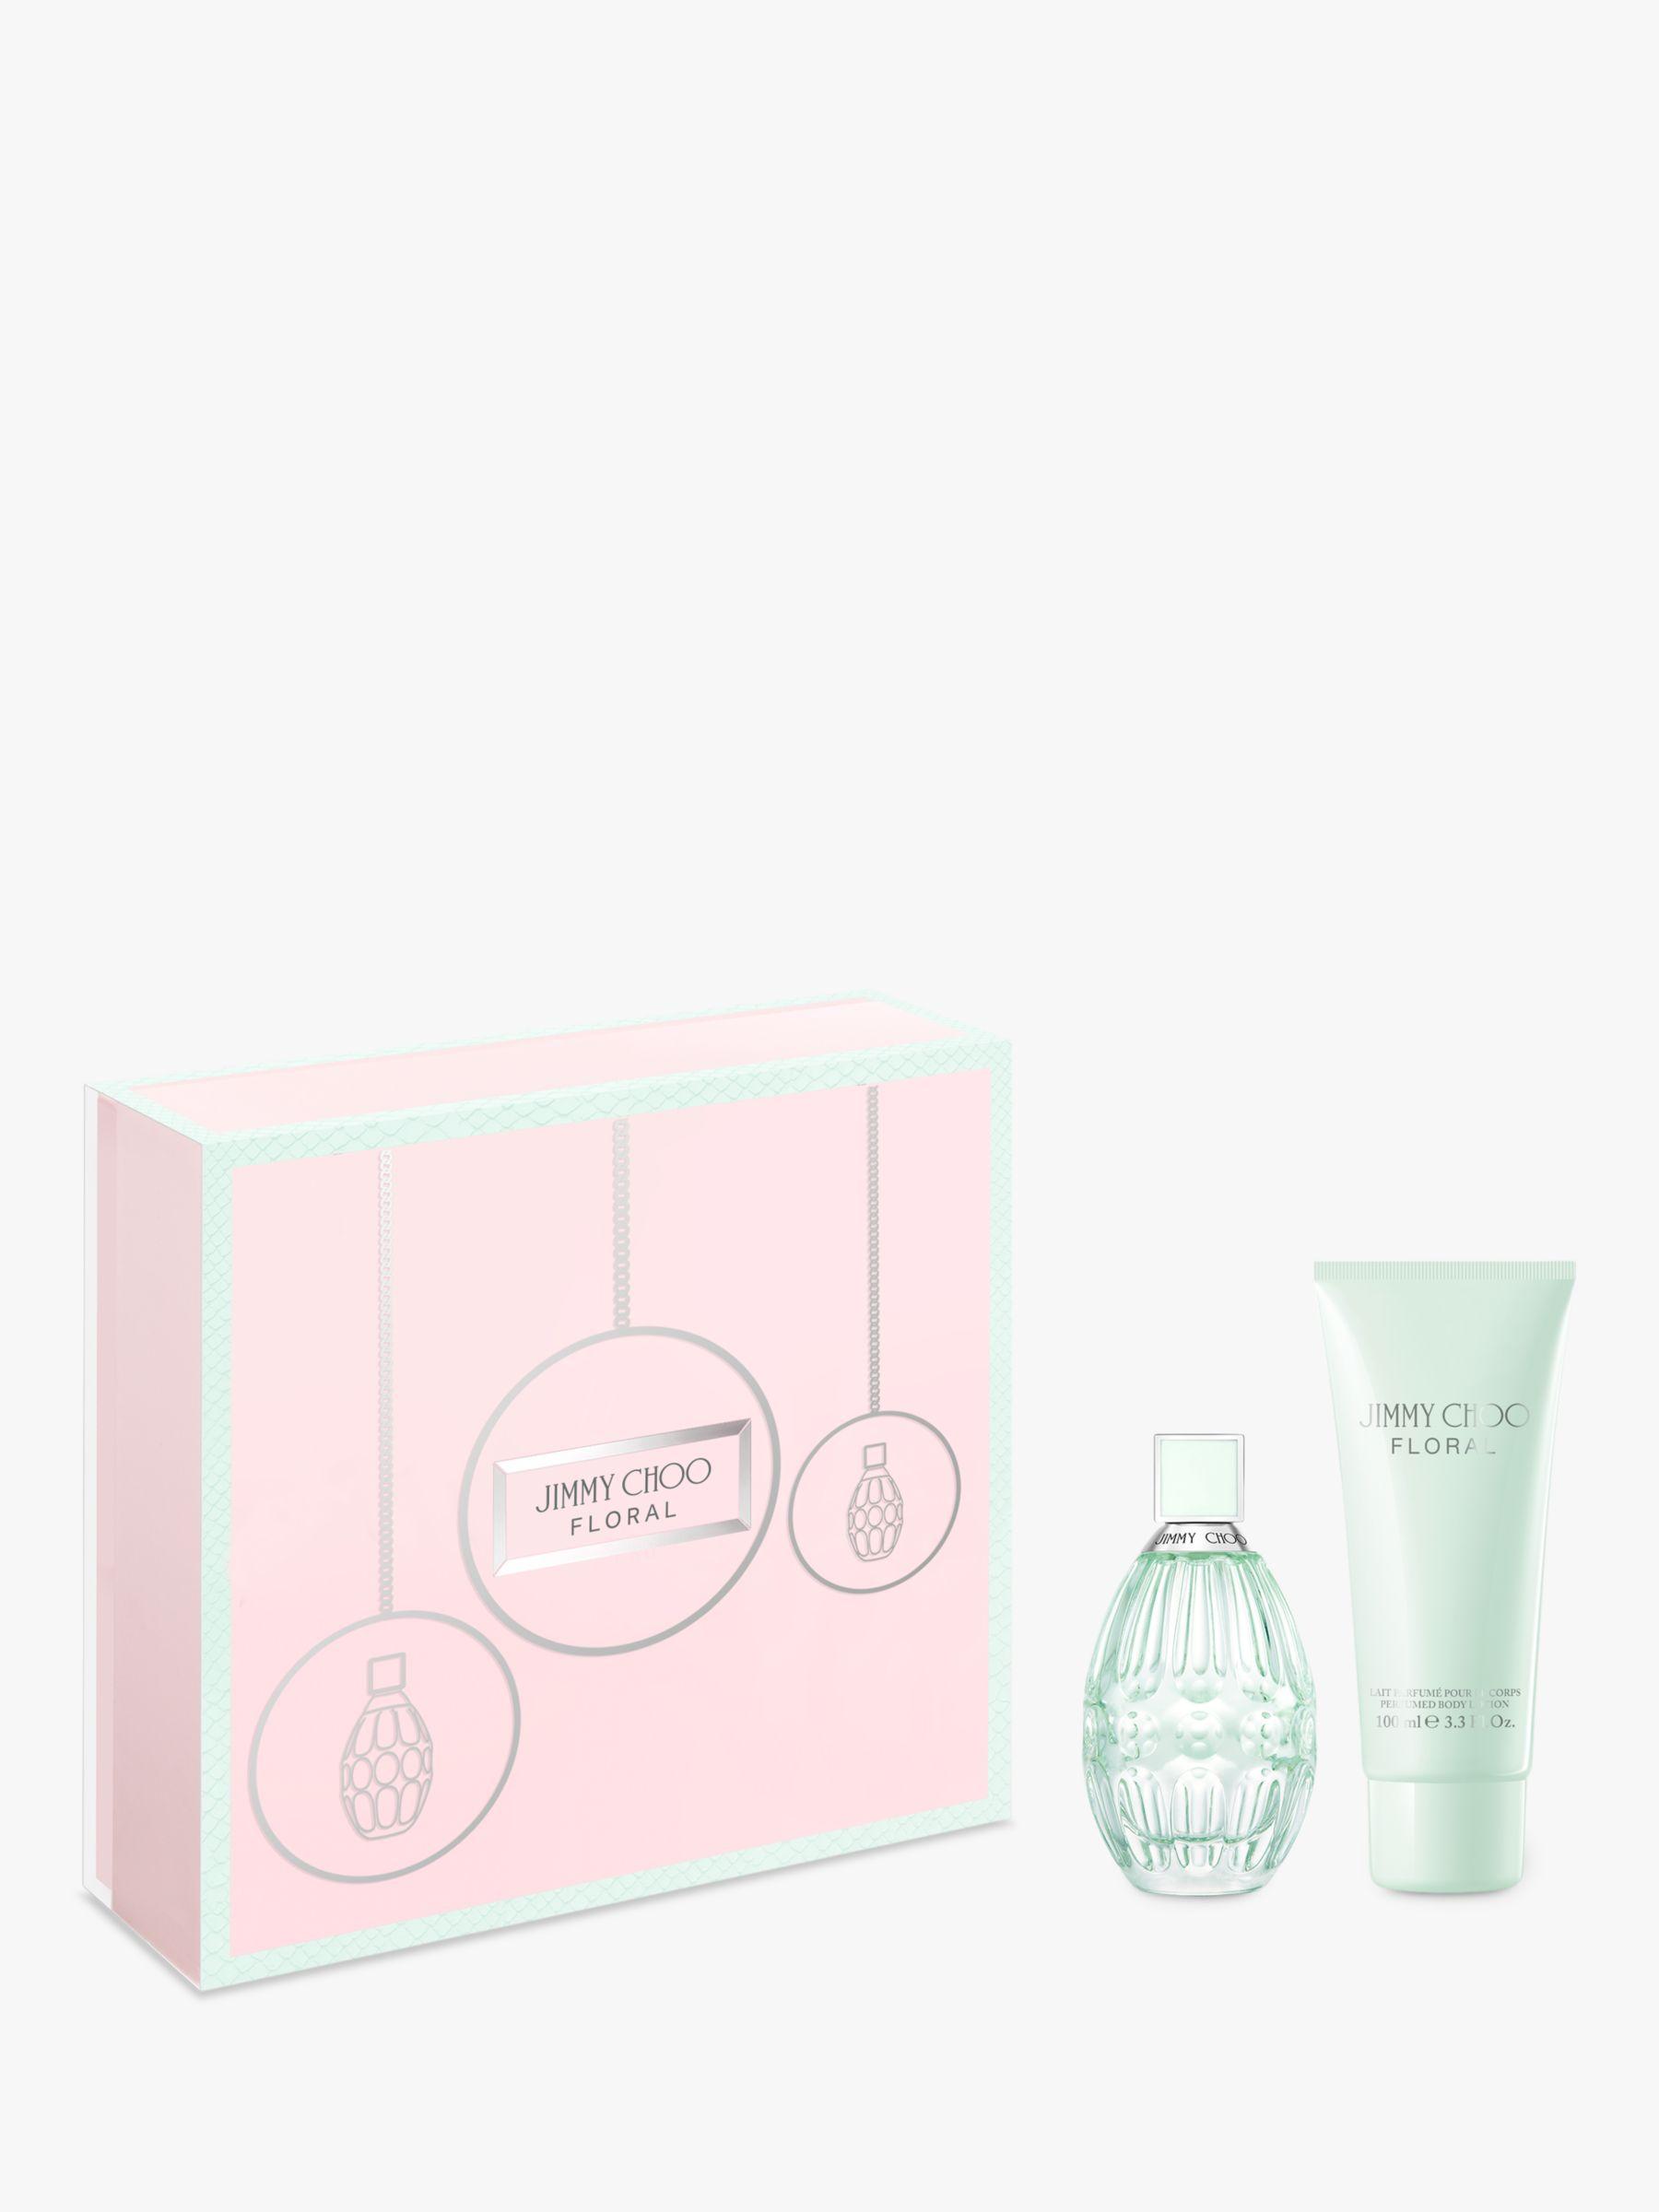 Jimmy Choo Jimmy Choo Floral Eau de Toilette 60ml Fragrance Gift Set